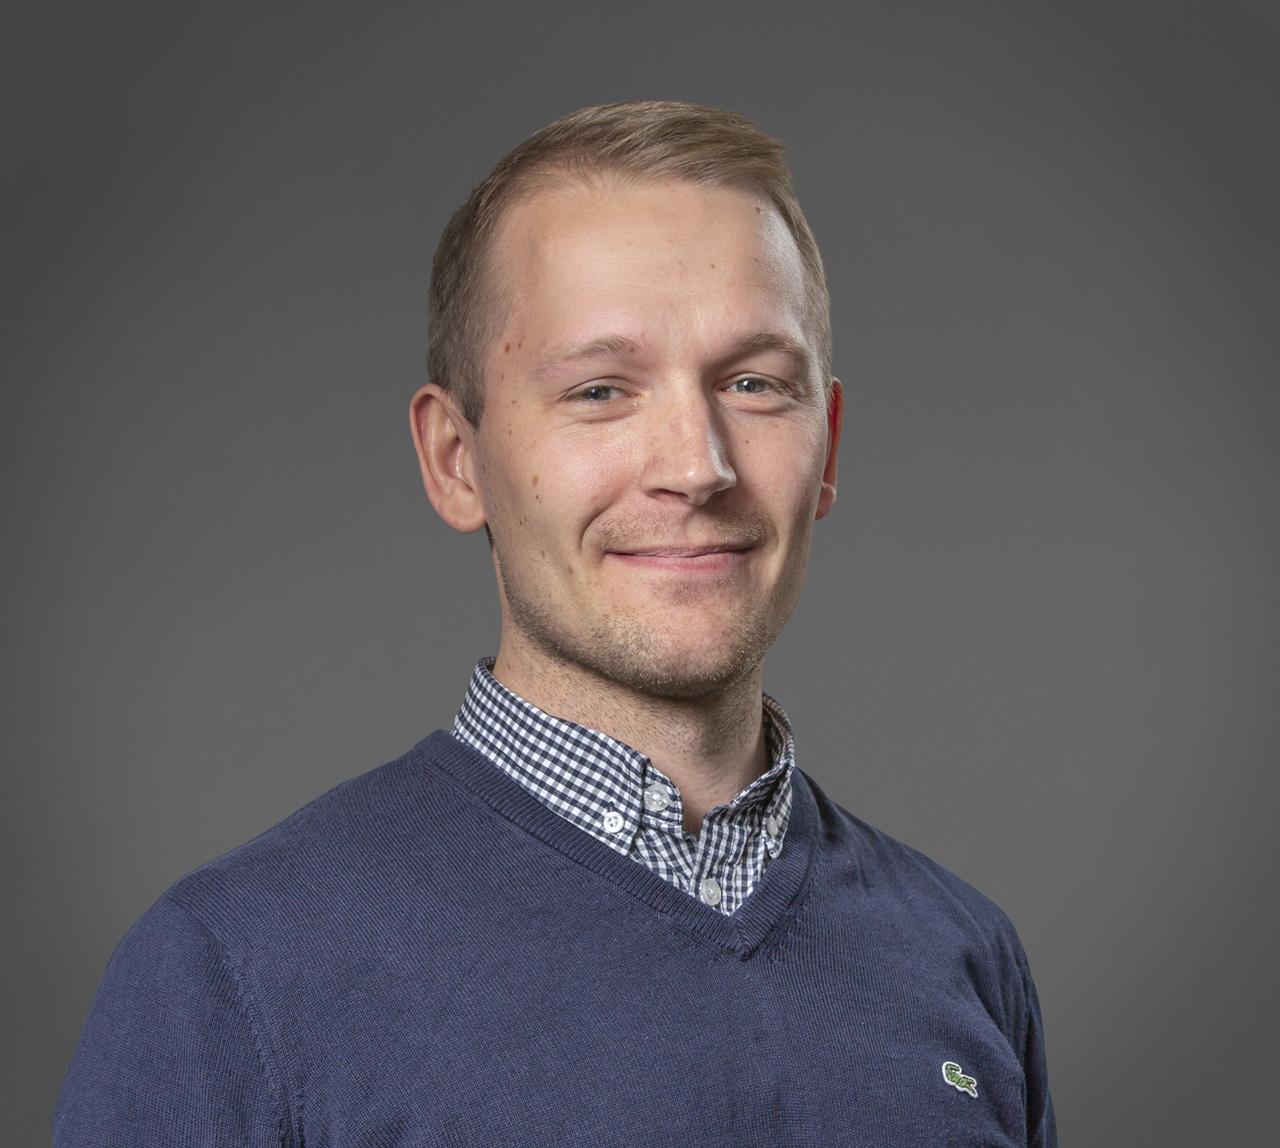 Tobias Gottnersson